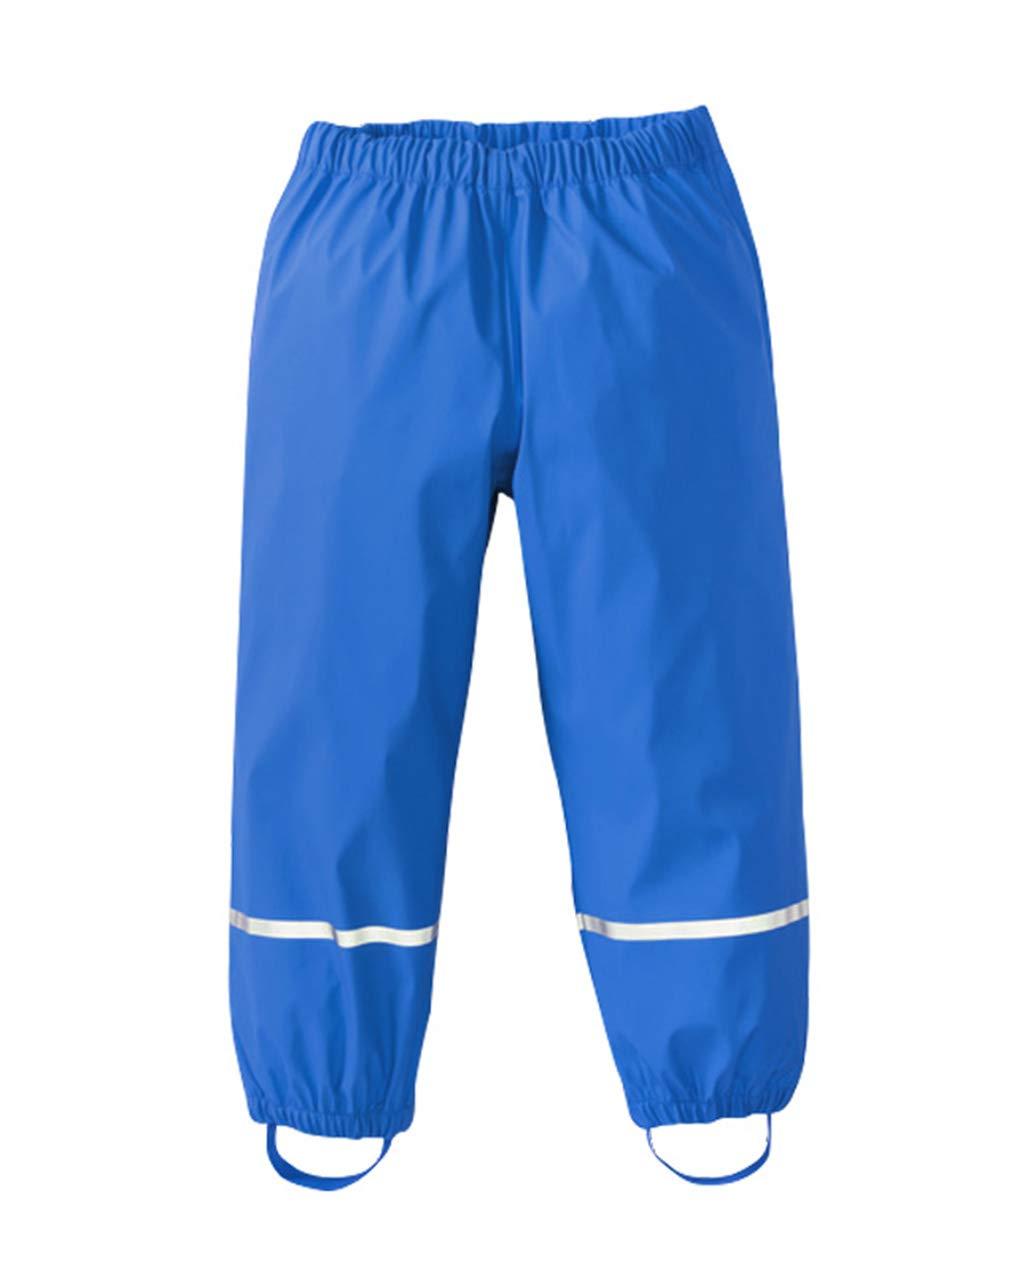 UDIY Kids' Waterproof Hiking Rain Pant Reflective Rainwear Blue 7Y by UDIY